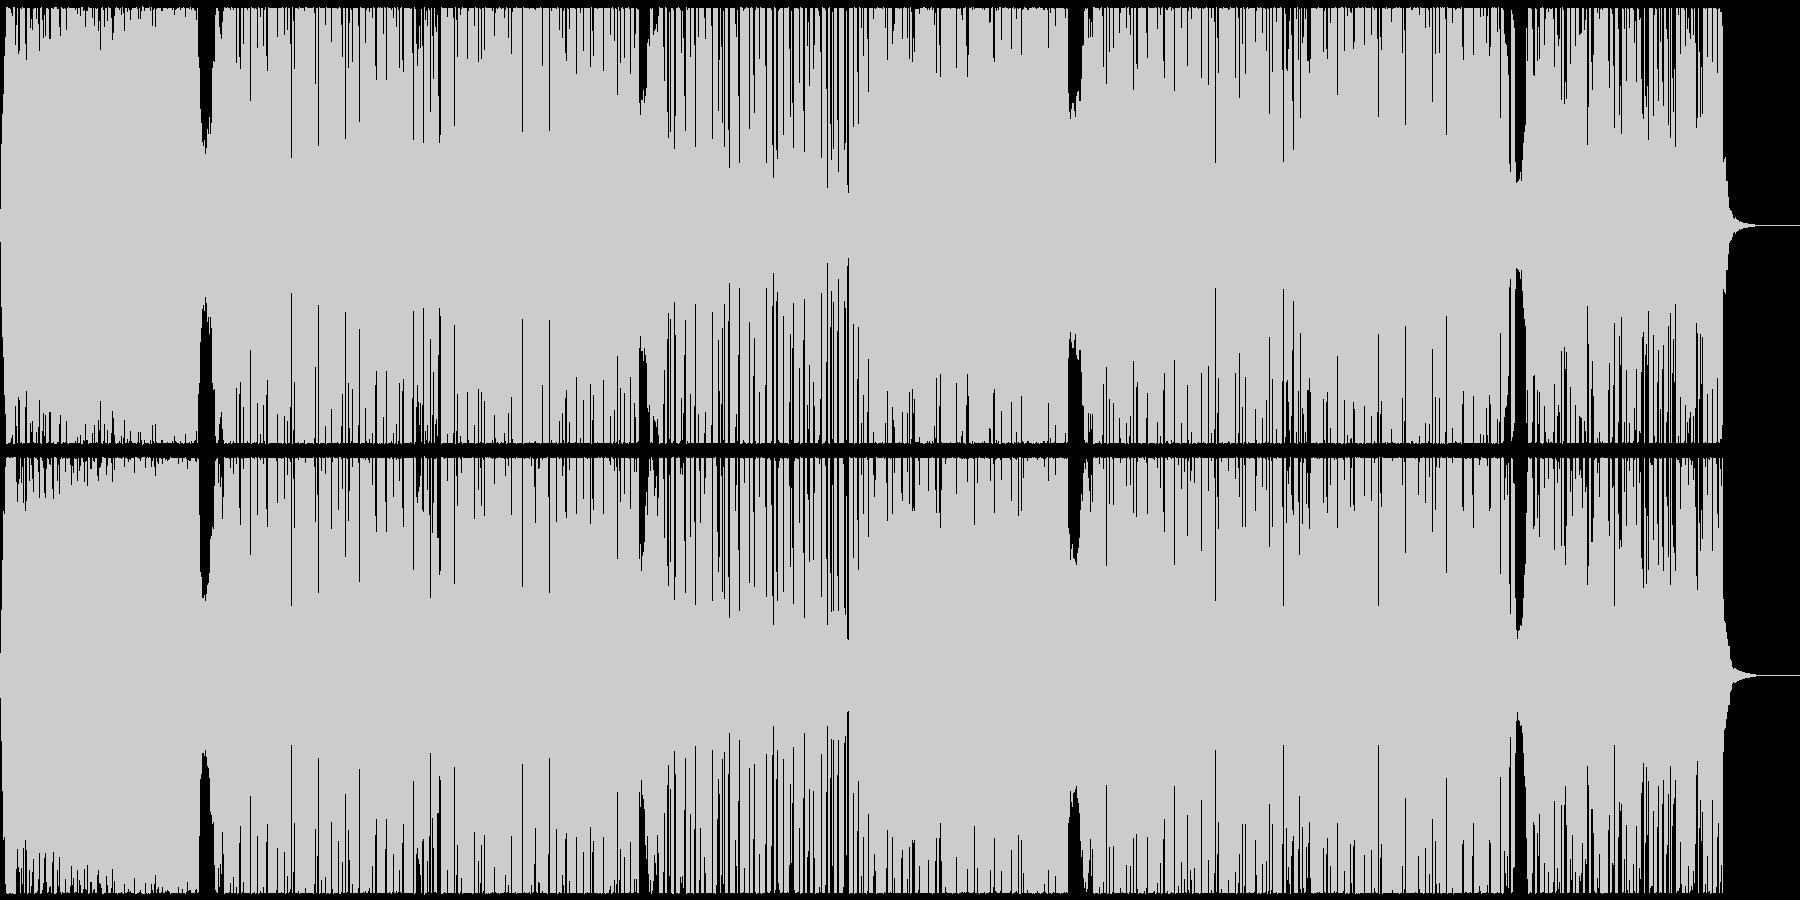 爽快スタイリッシュEDMハウス CM映像の未再生の波形